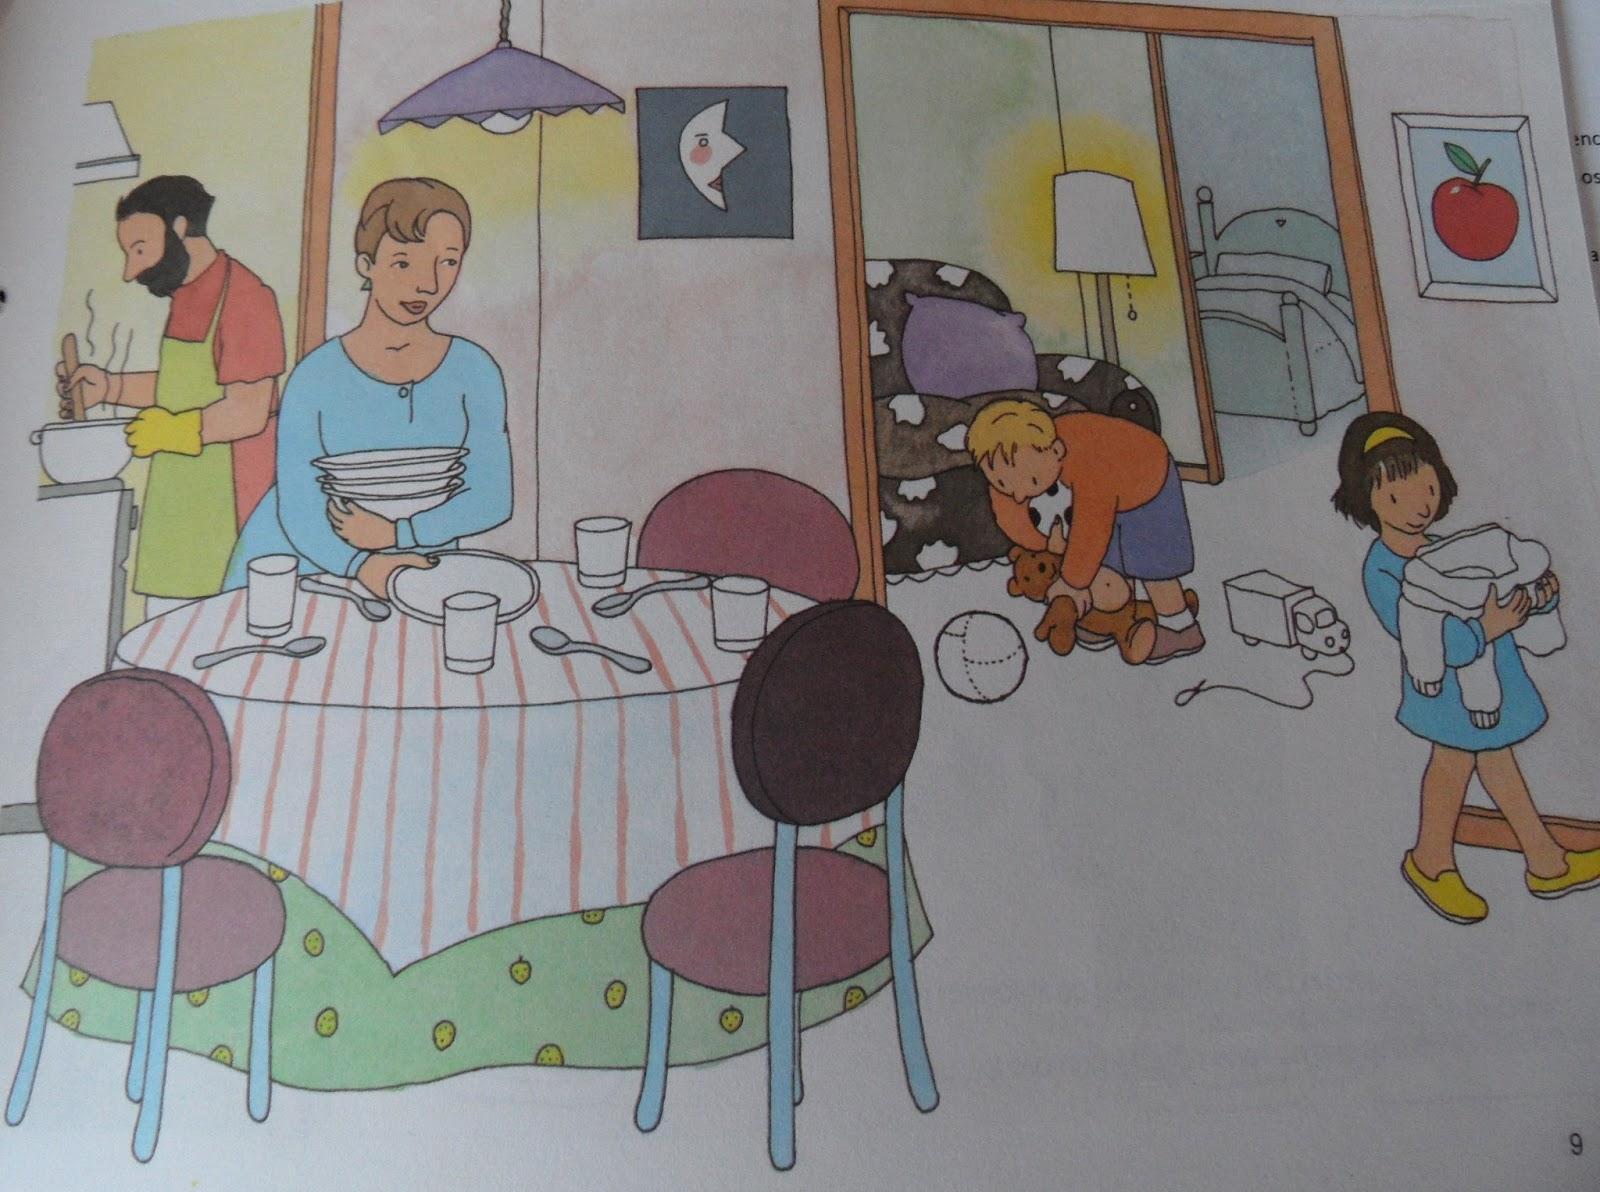 Educaci n y sociedad an lisis de una ficha de educaci n for Cosas del hogar online